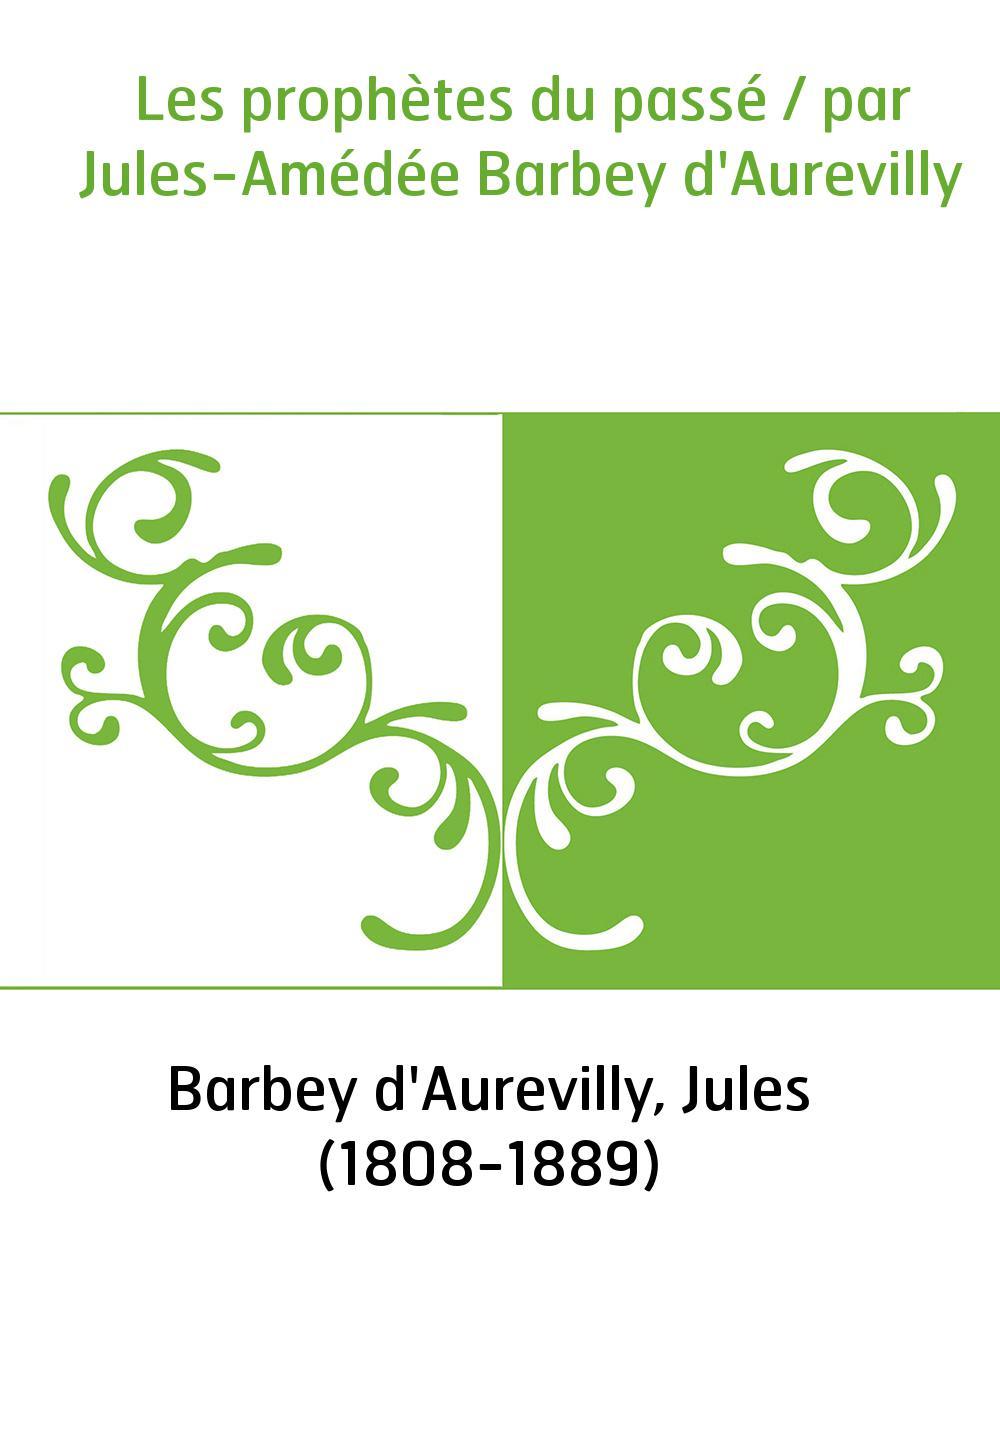 Les prophètes du passé / par Jules-Amédée Barbey d'Aurevilly